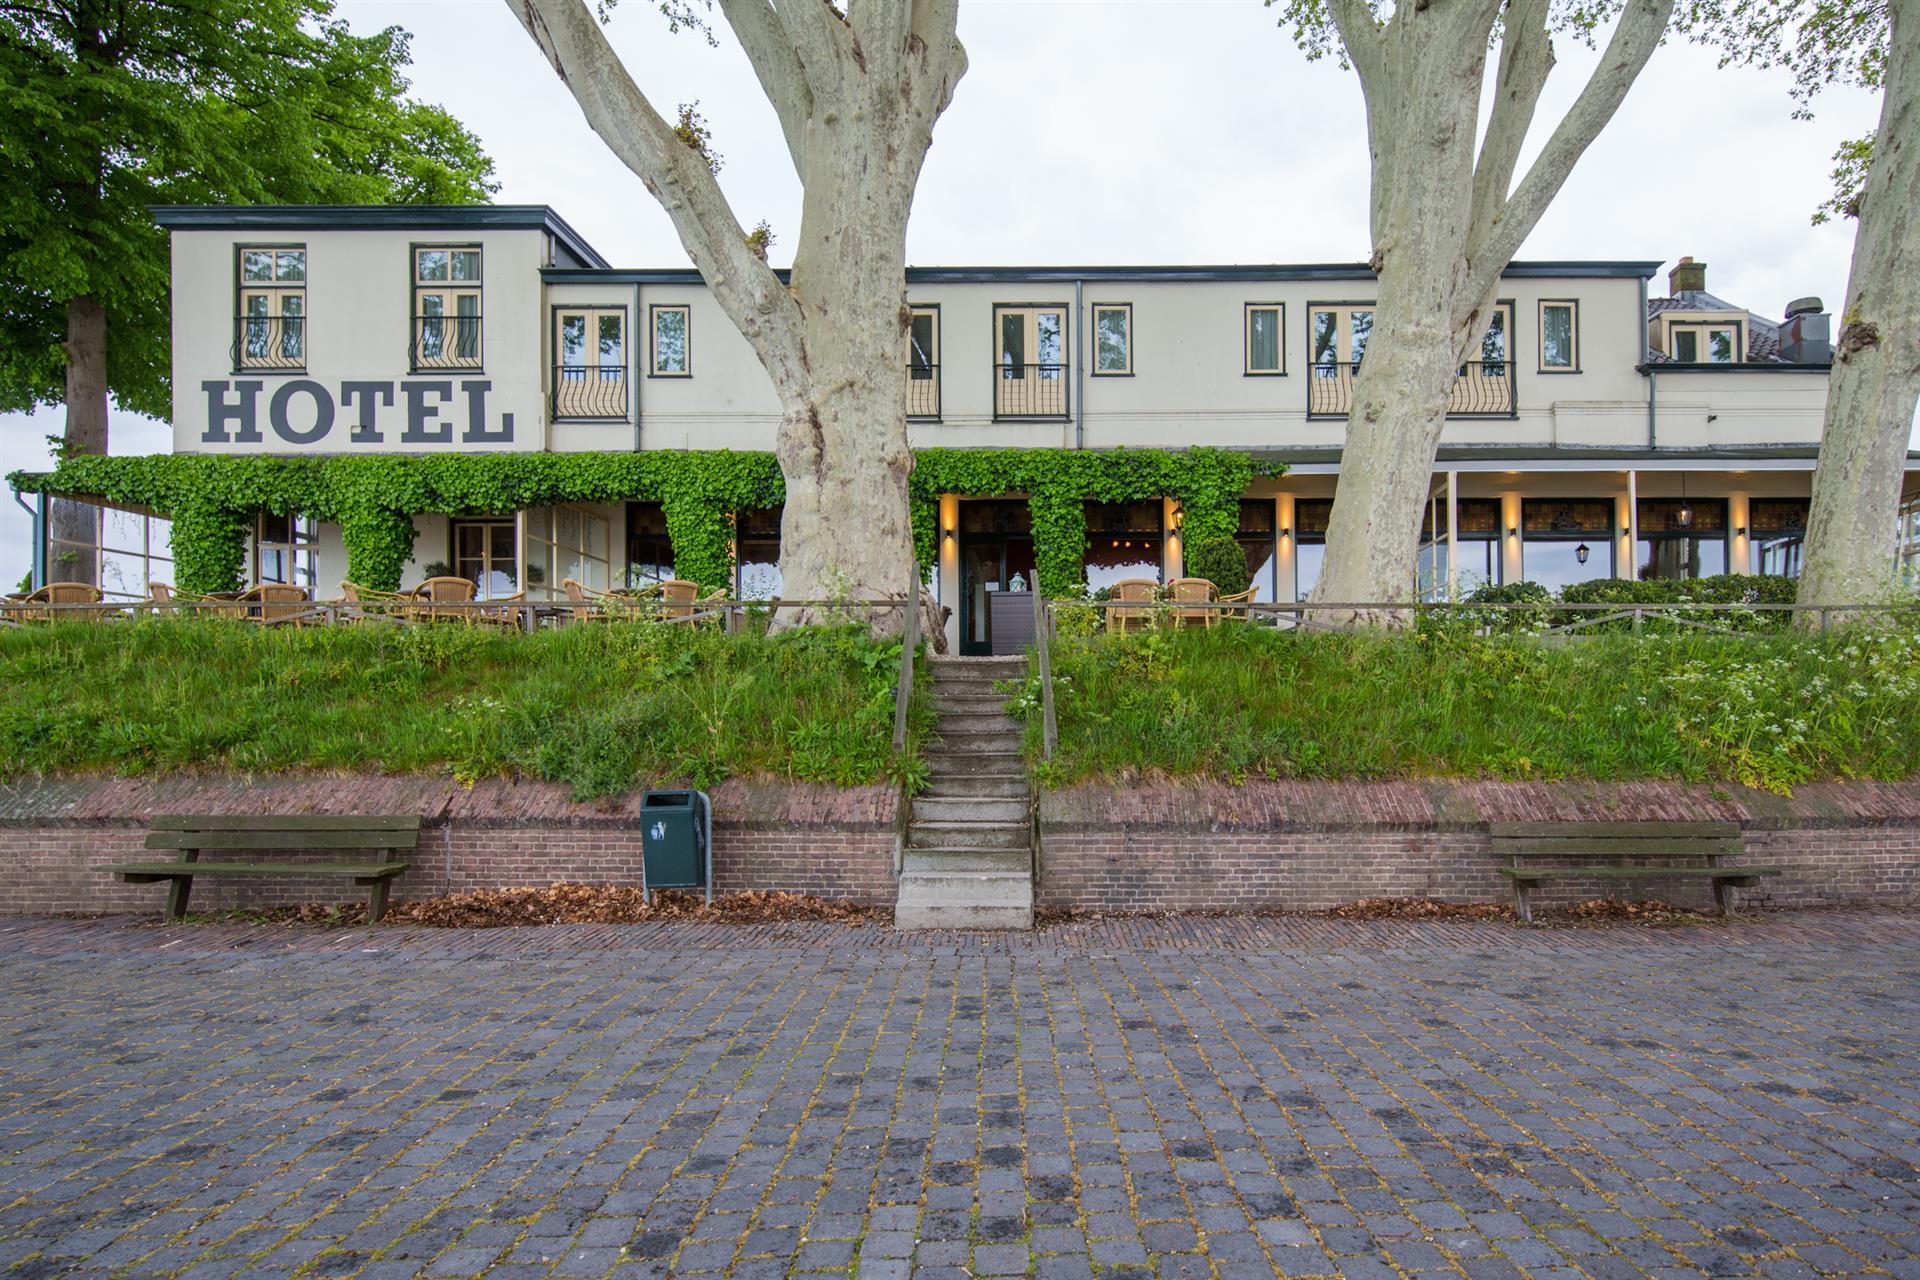 Hotel Belverdere trap terras